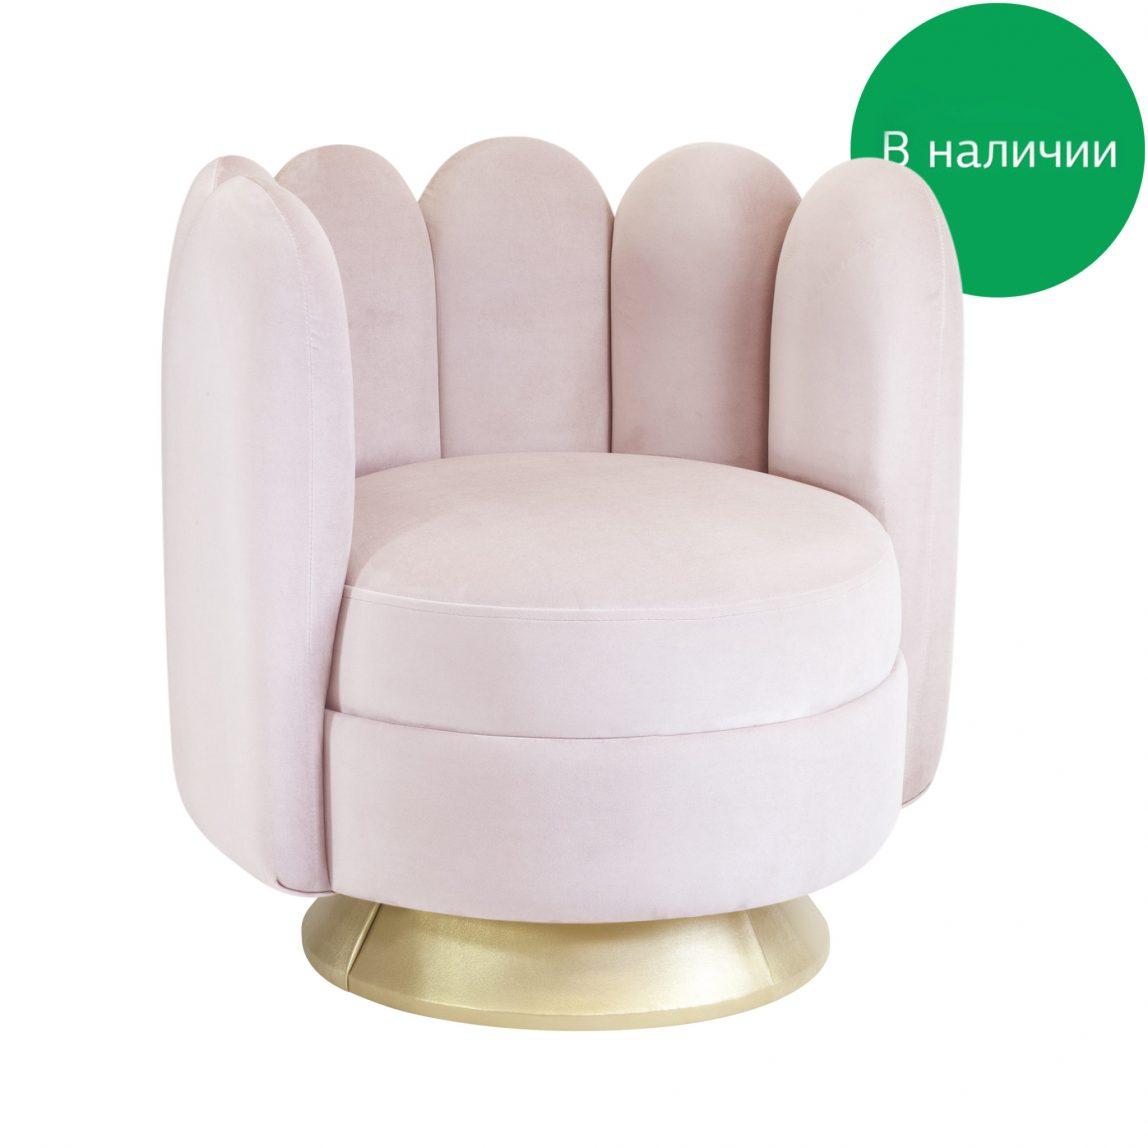 Круглое поворотное будуарное кресло Sketch Мадави